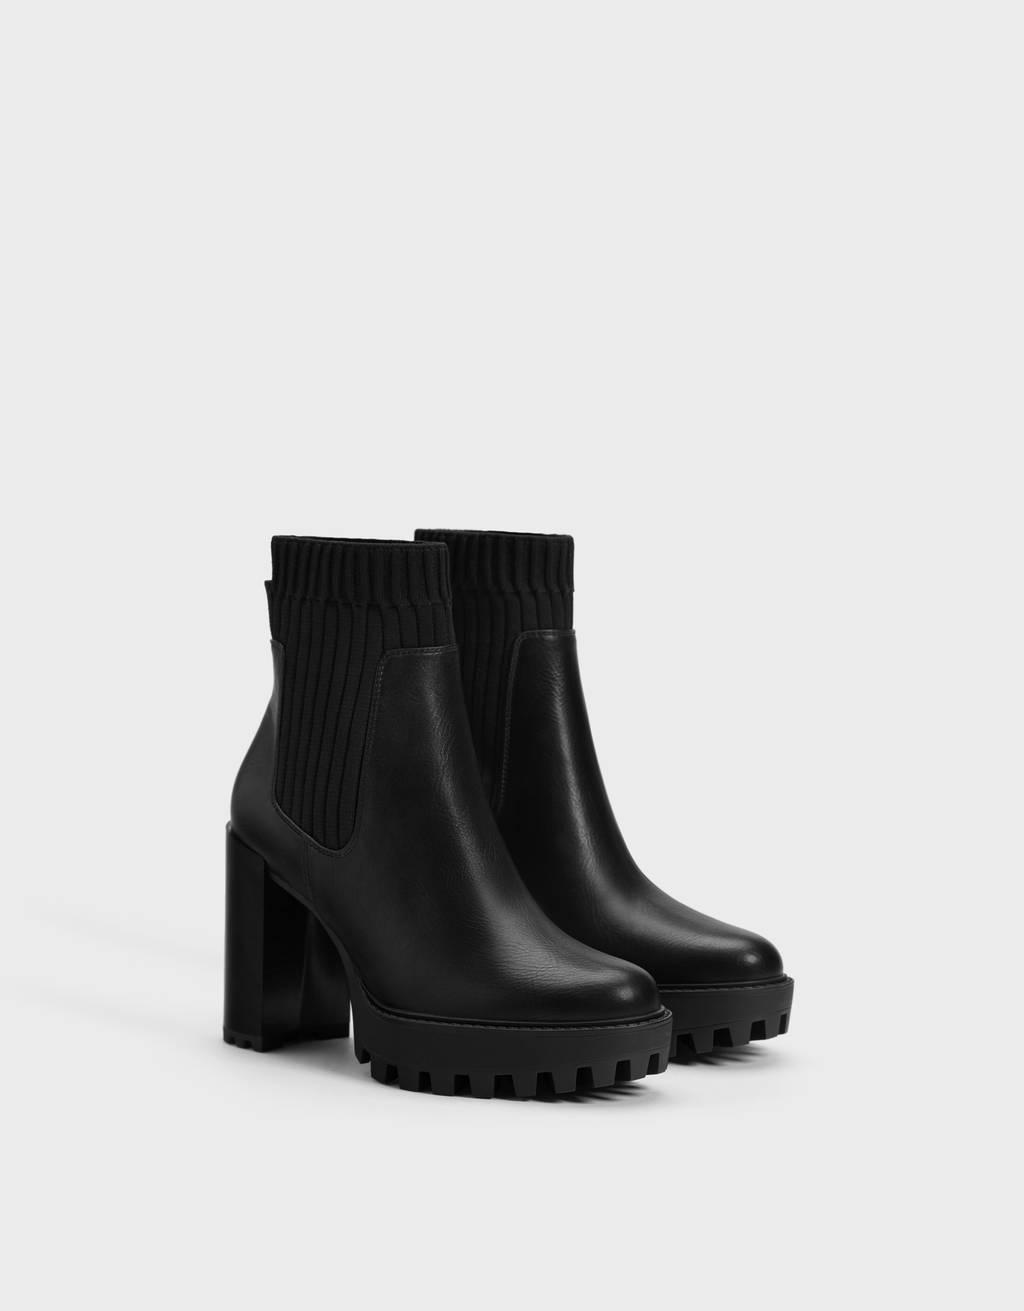 Bottine à talon plateforme chaussures-chaussettes